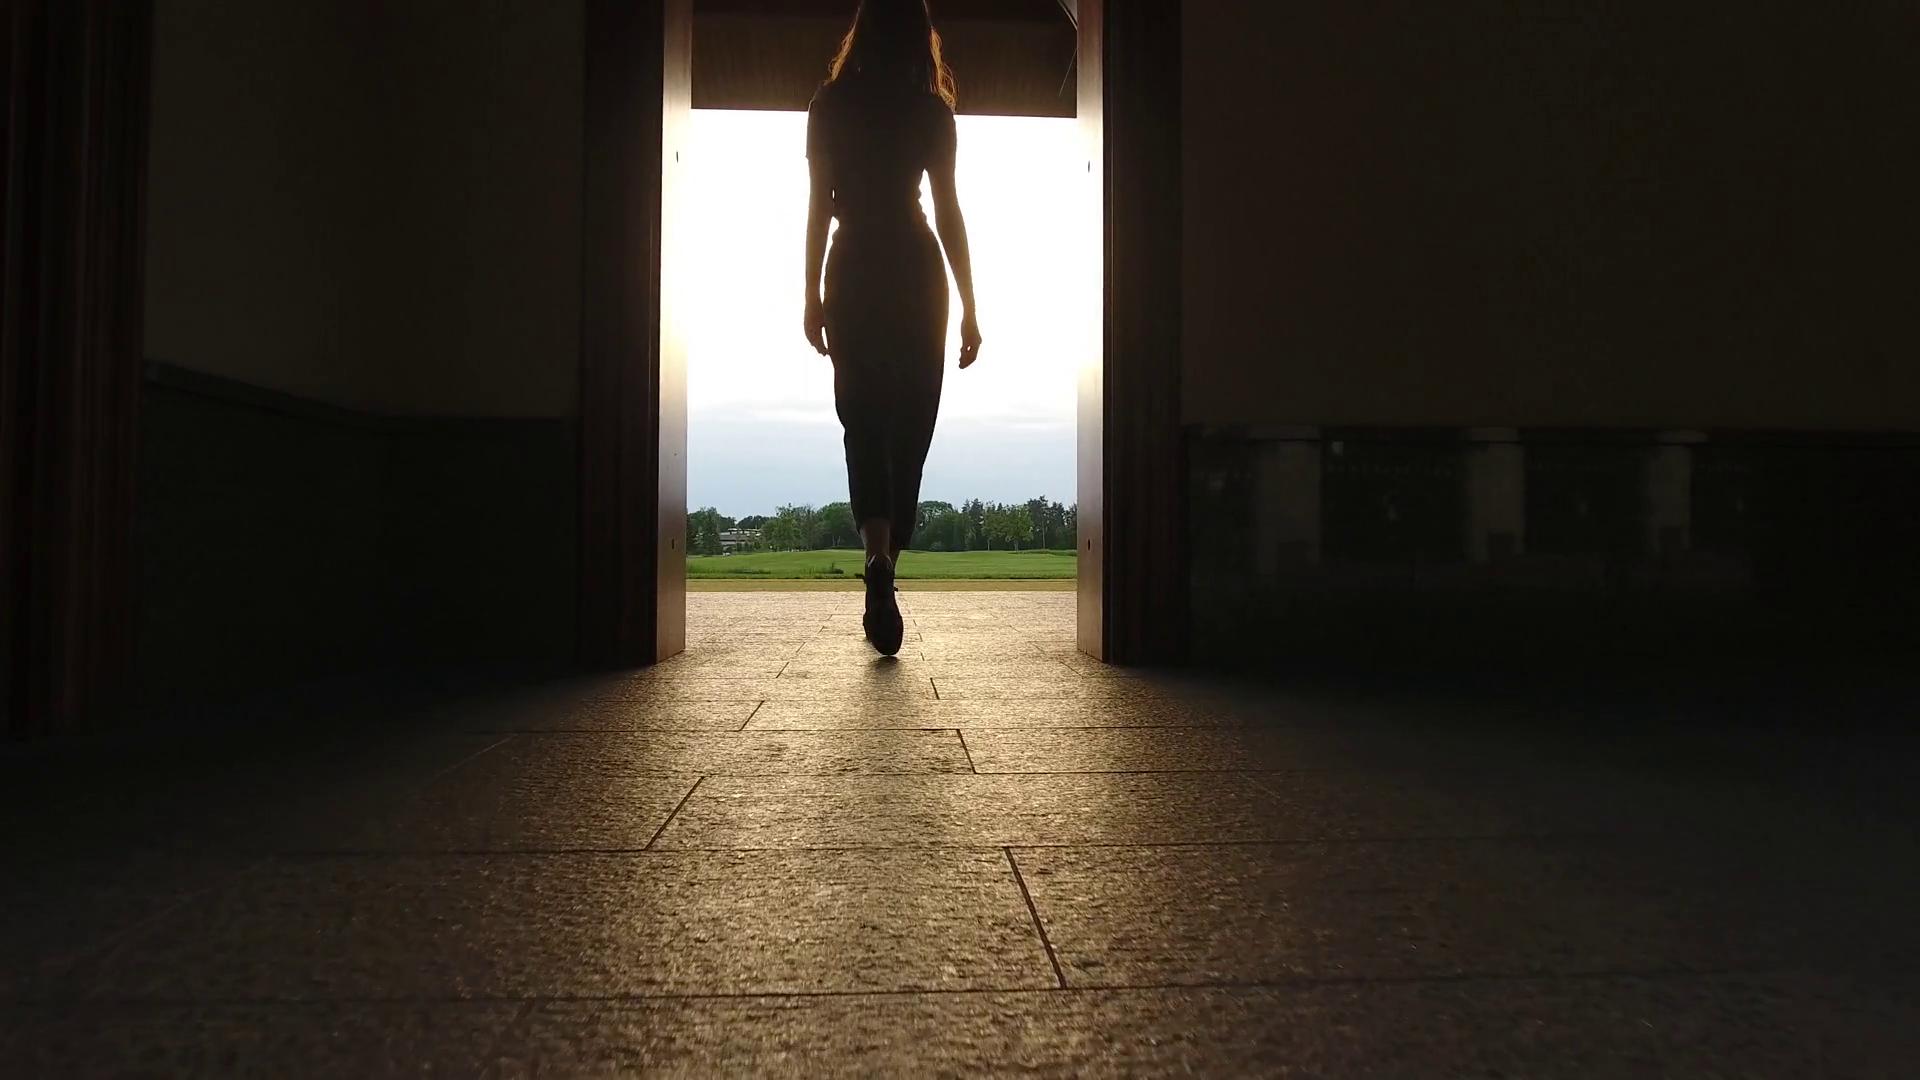 Κάνε την κίνηση σου: Γιατί το να περιμένεις στο φλερτ είναι λάθος